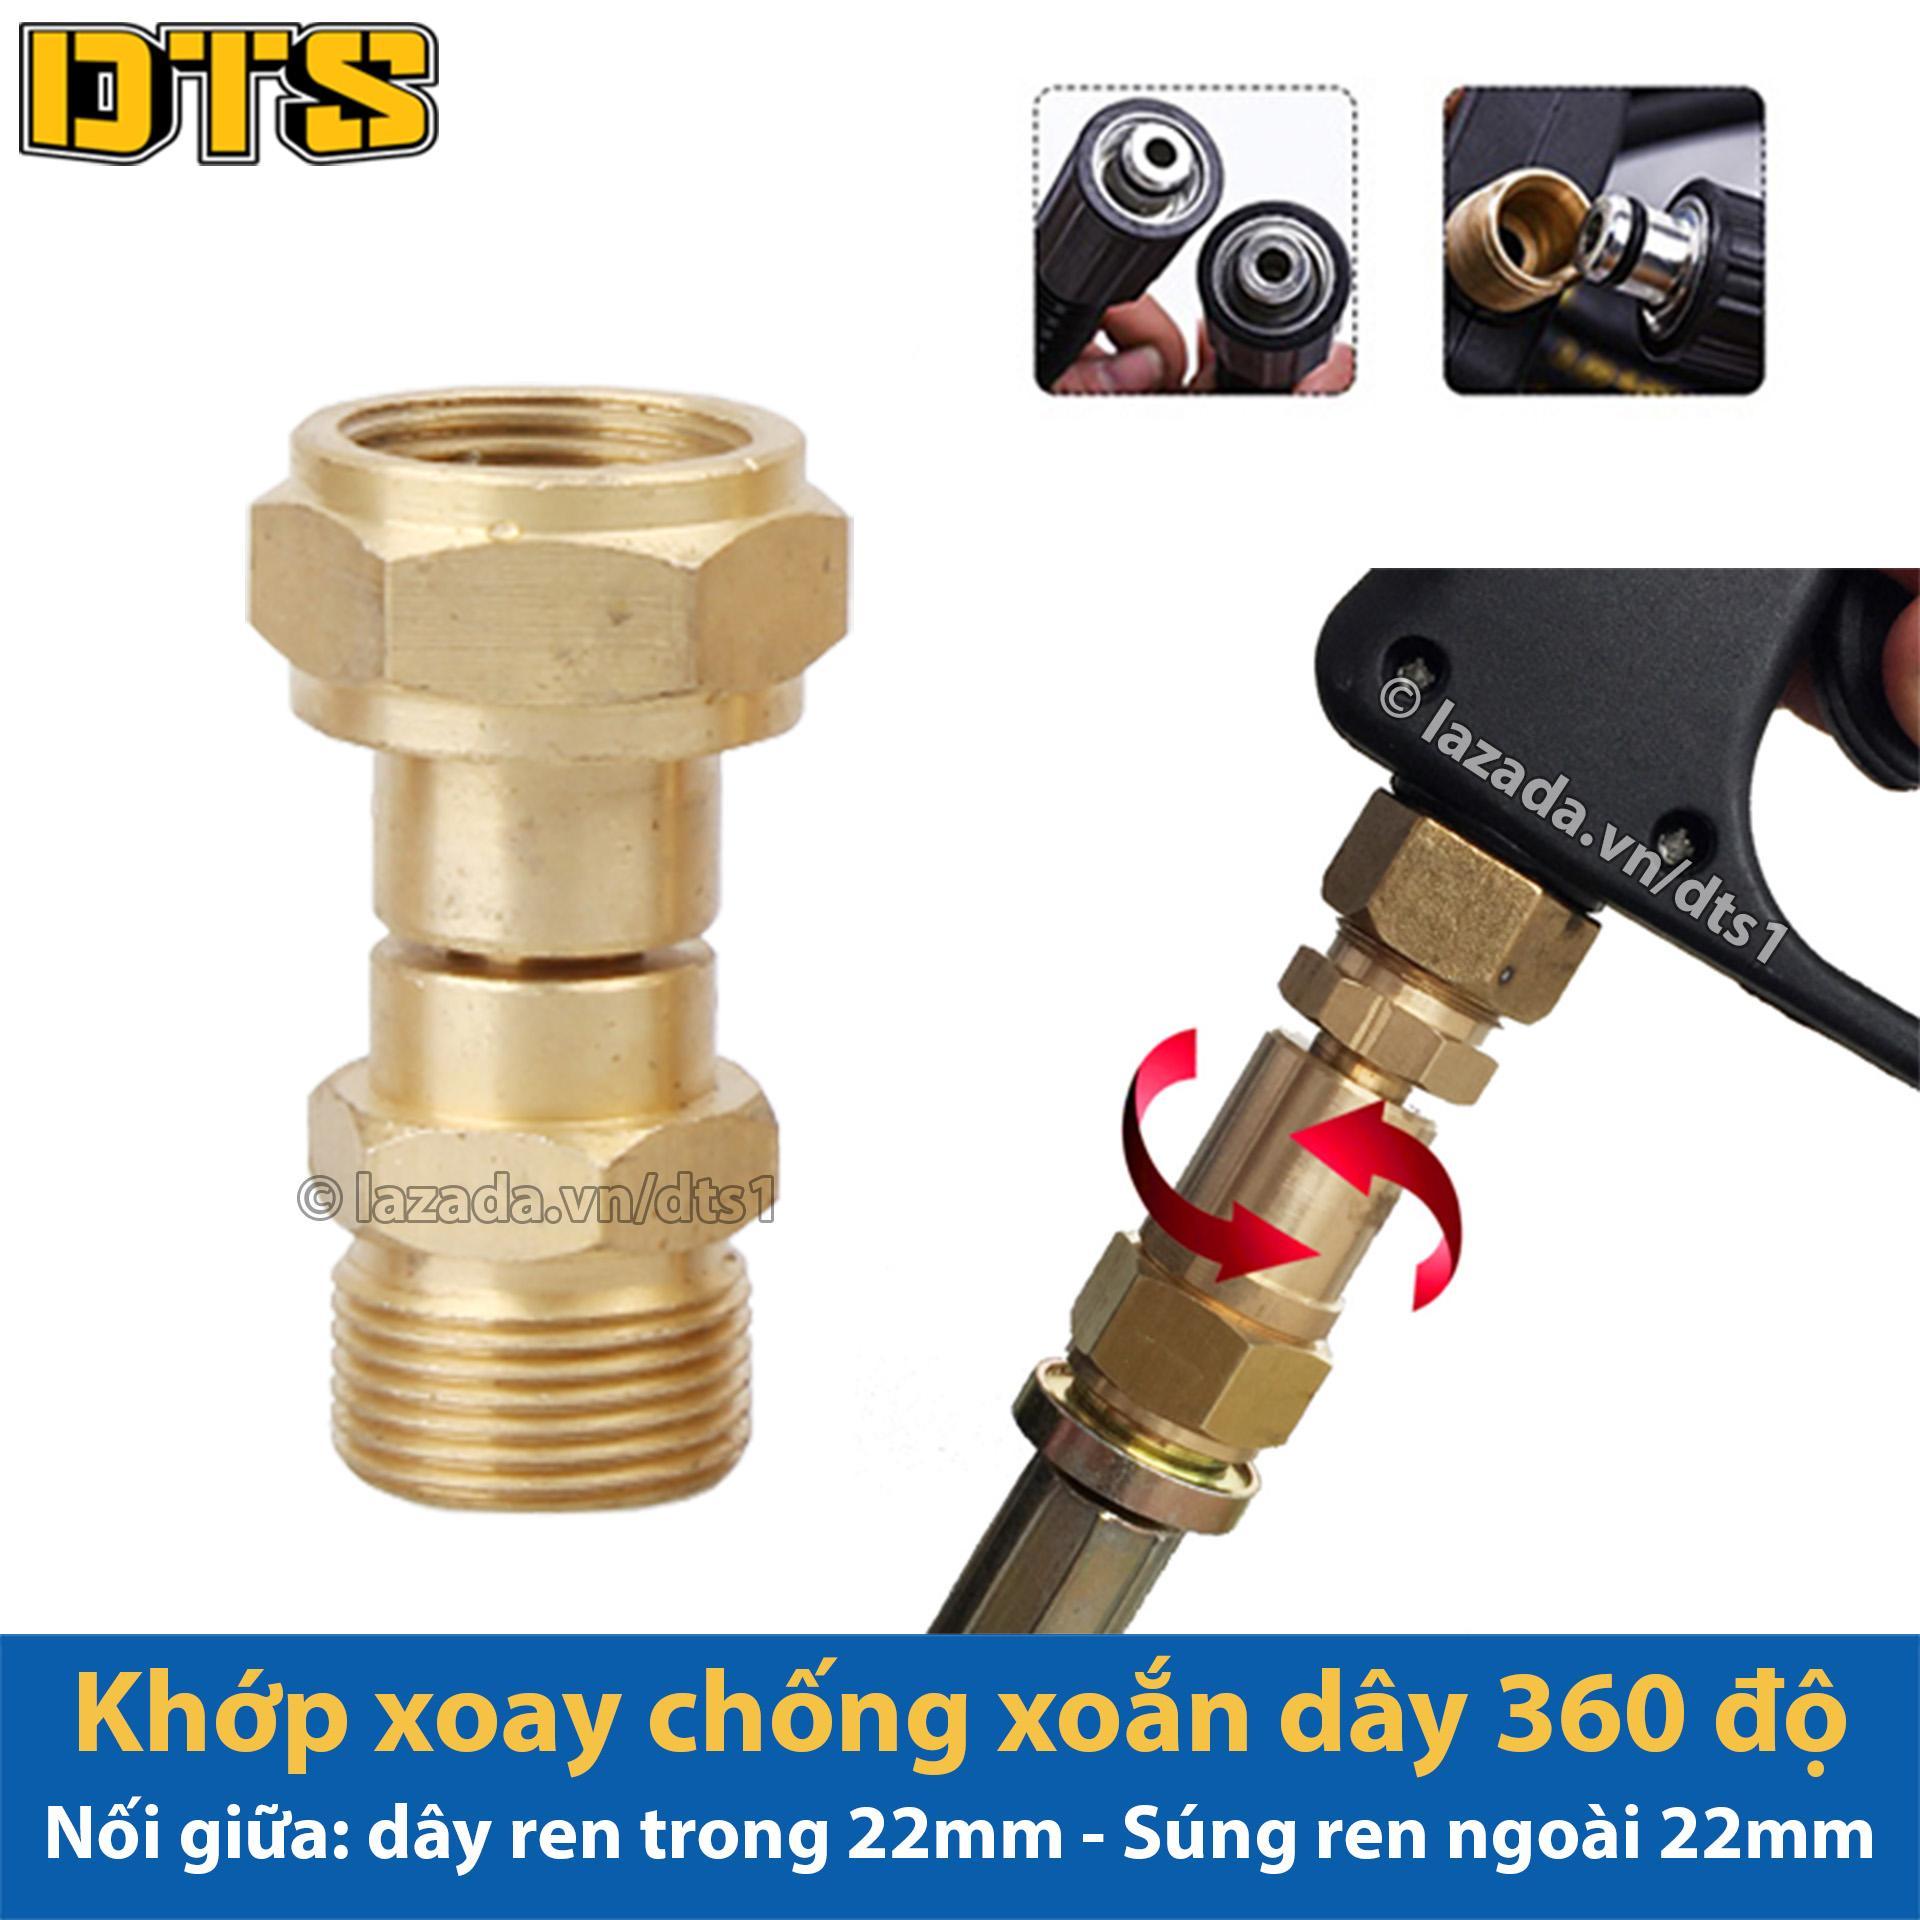 Khớp xoay chống xoắn dây phun xịt của máy rửa xe áp lực cao, máy xịt rửa cao áp - Lắp vào s.úng có ren ngoài 22mm